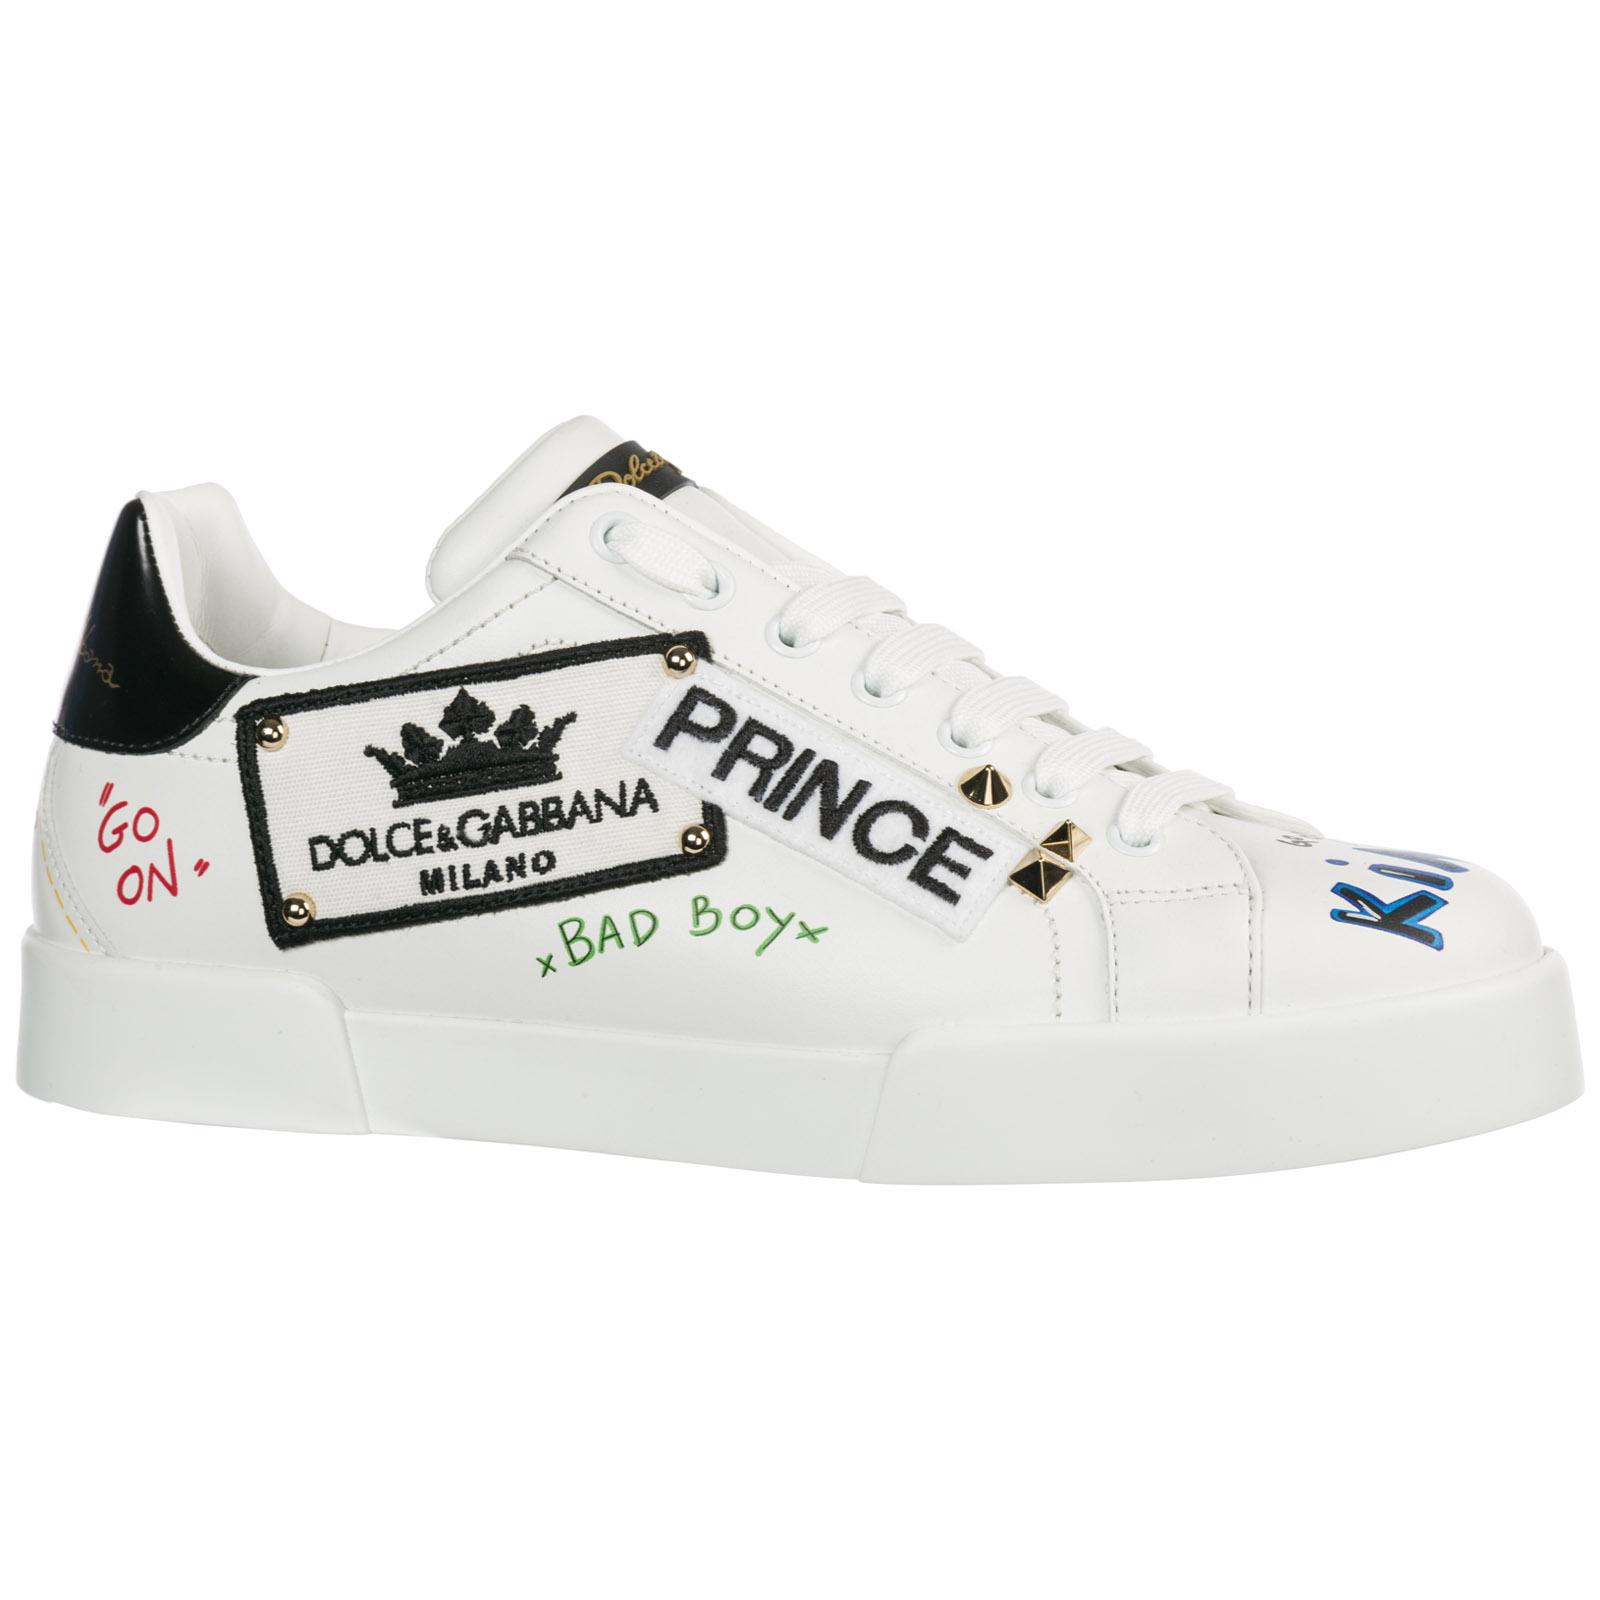 Sneakers Dolce Gabbana Portofino CS1558AV678HWF57 bianco  4541c3d2711